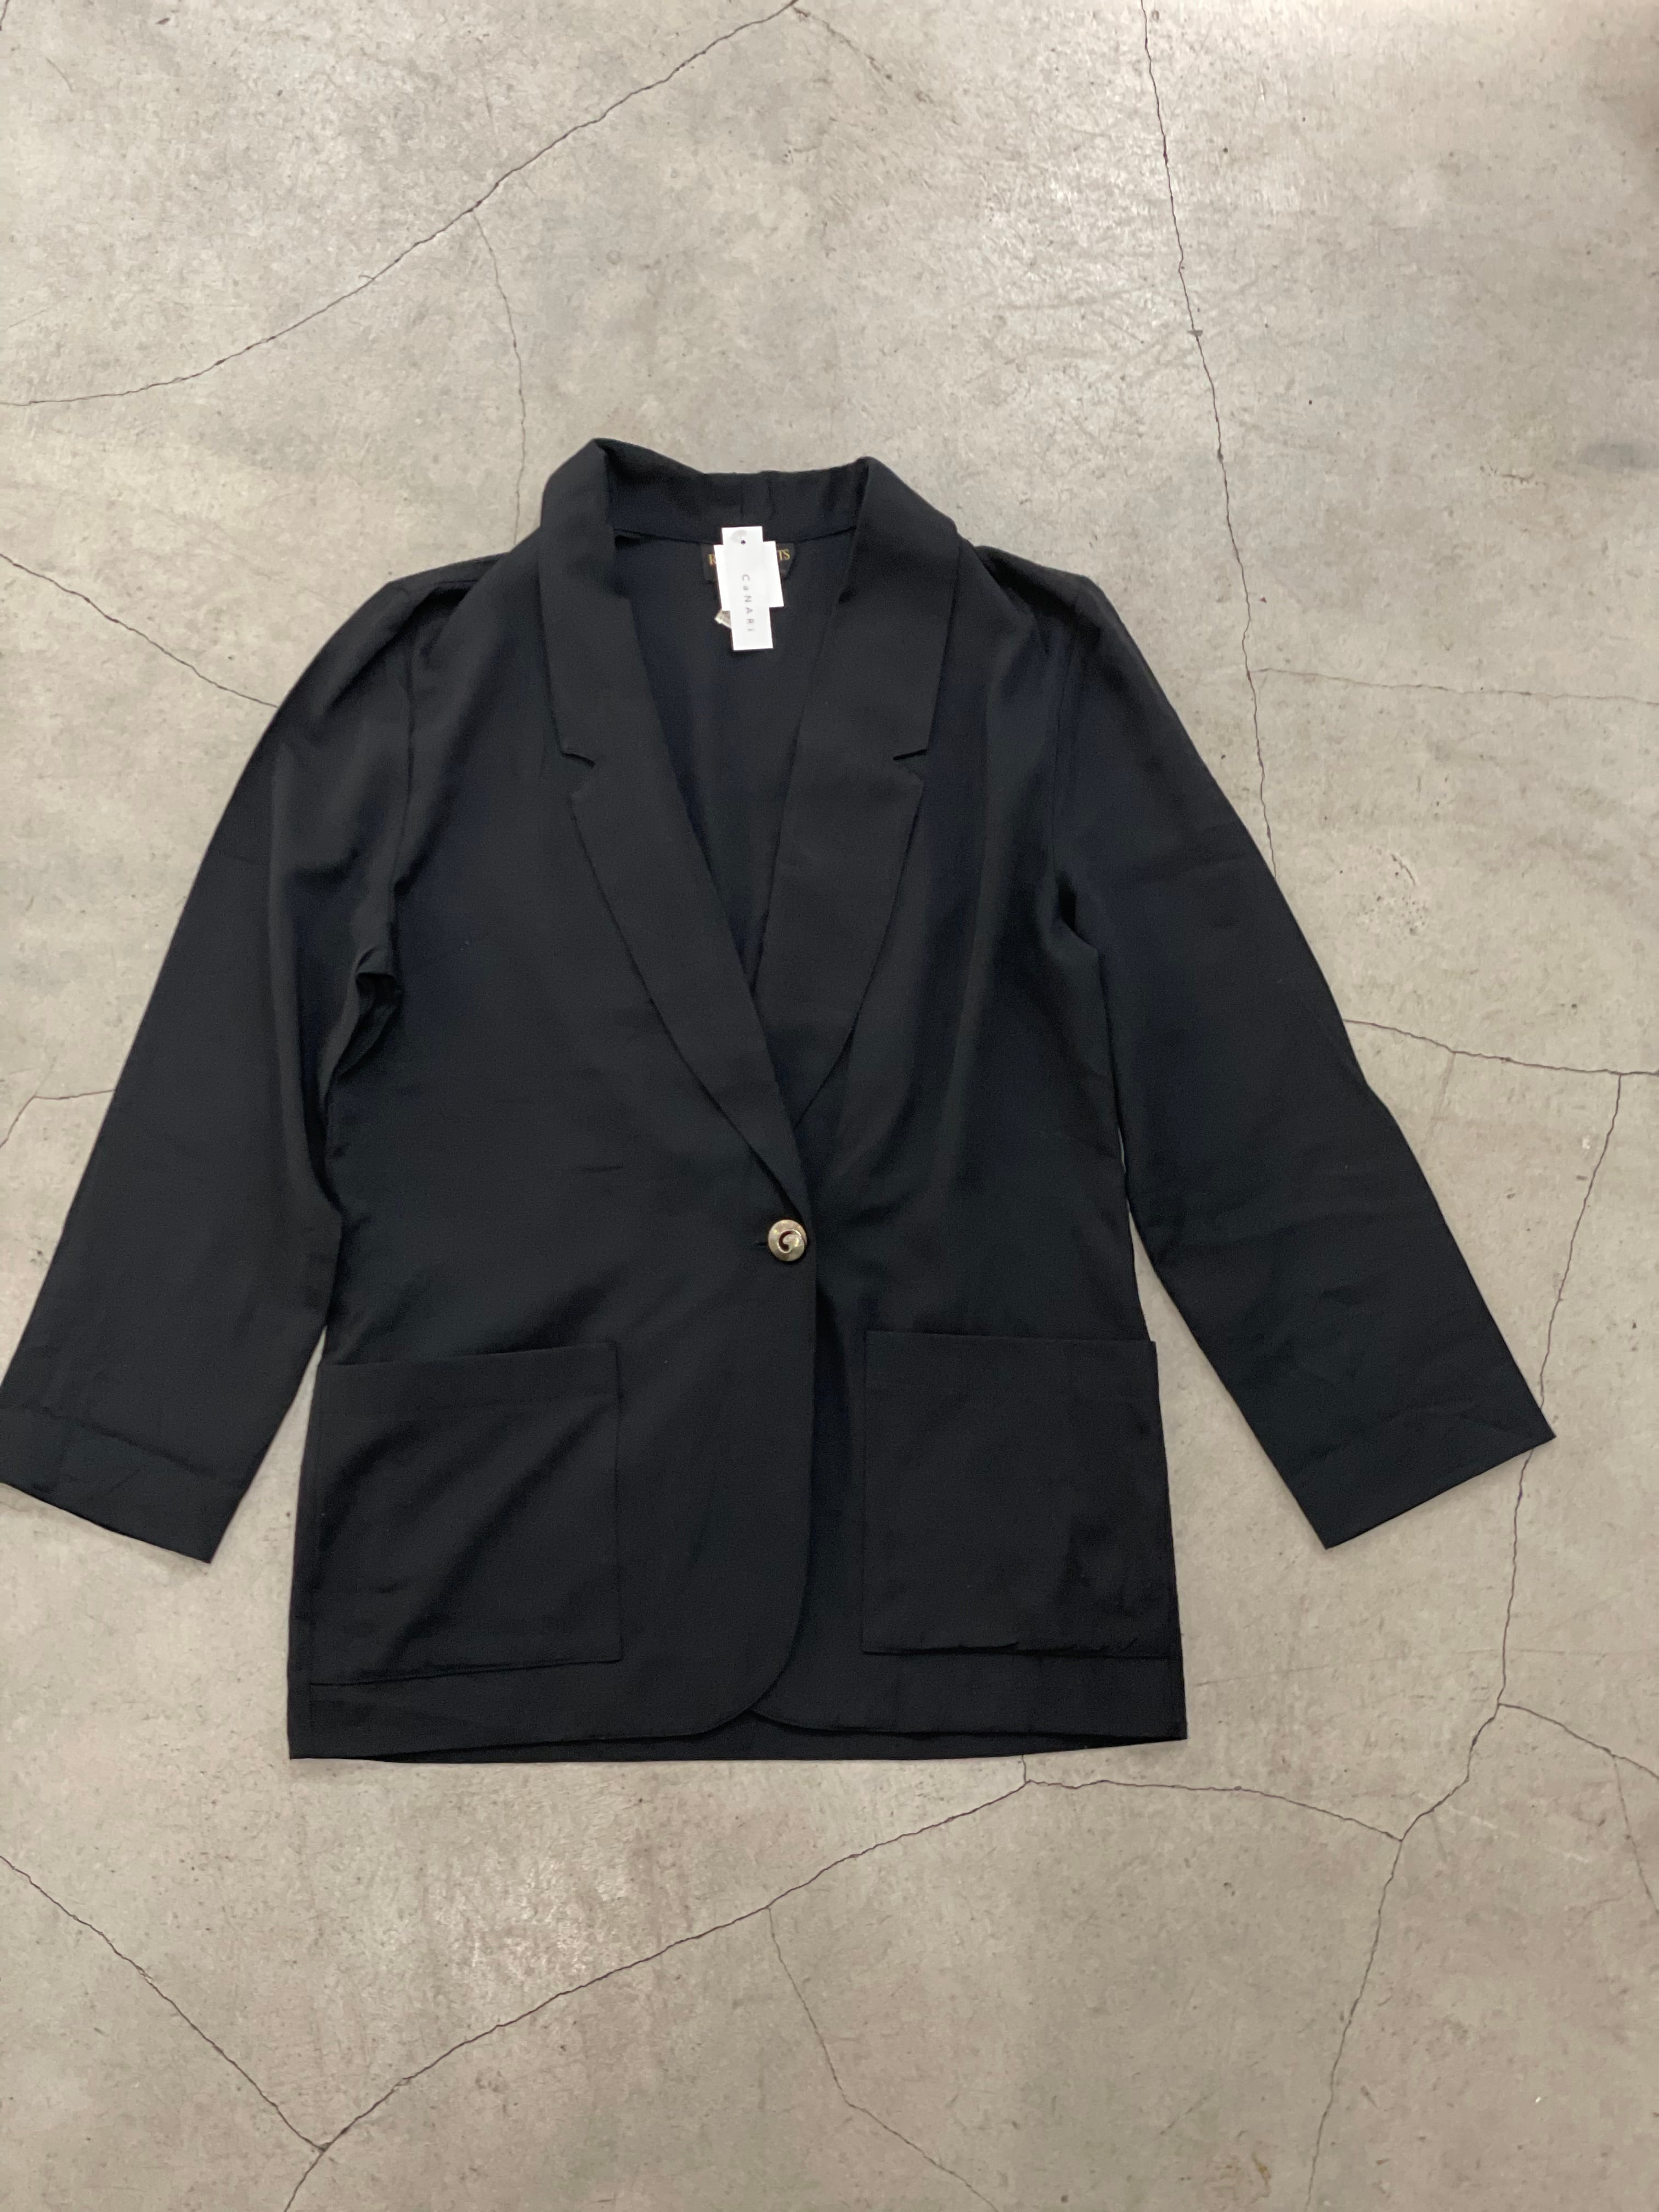 US vintage jacket